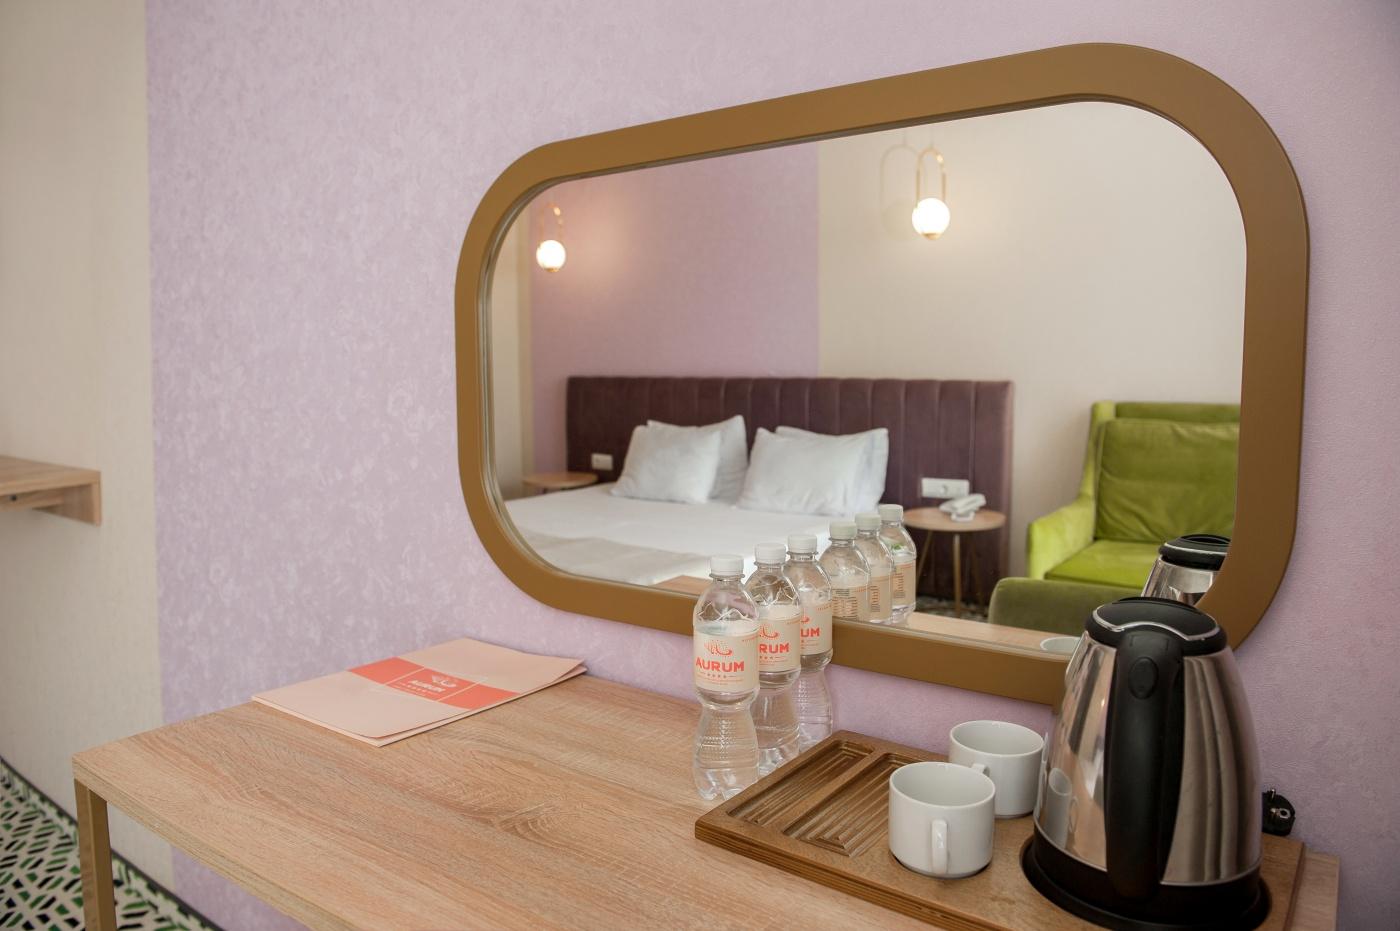 Отель «Aurum Family Resort & Spa» Краснодарский край Standard SV 2-местный (в корпусе), фото 4